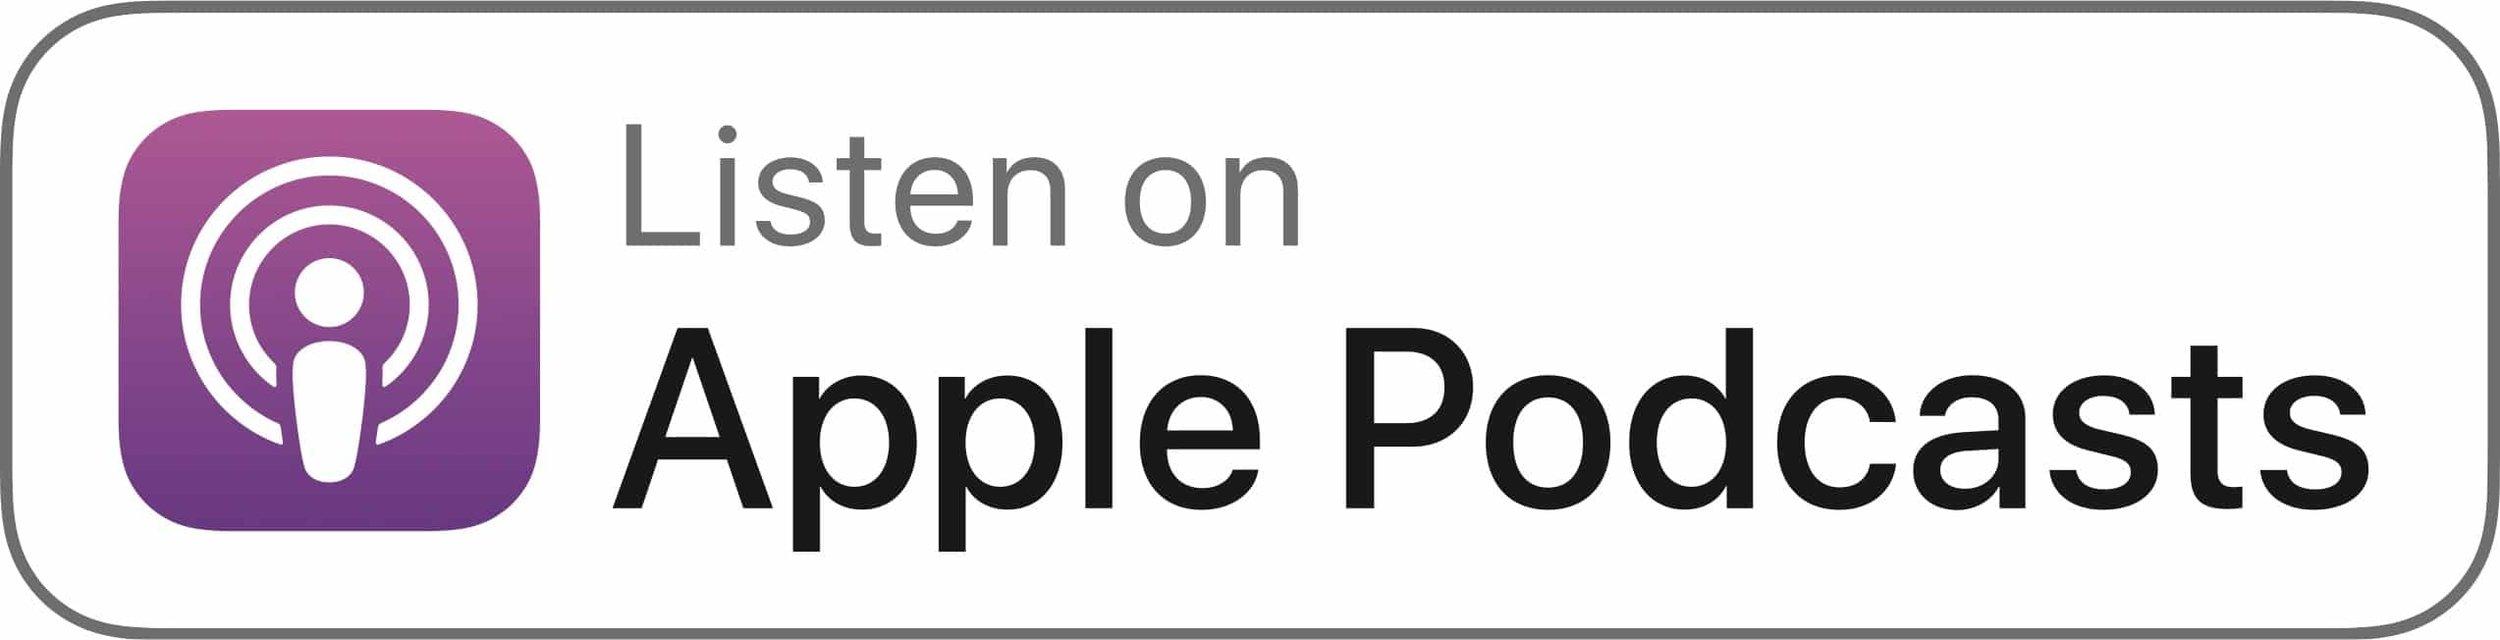 Apple_Podcasts_Listen_Badge_white.jpg